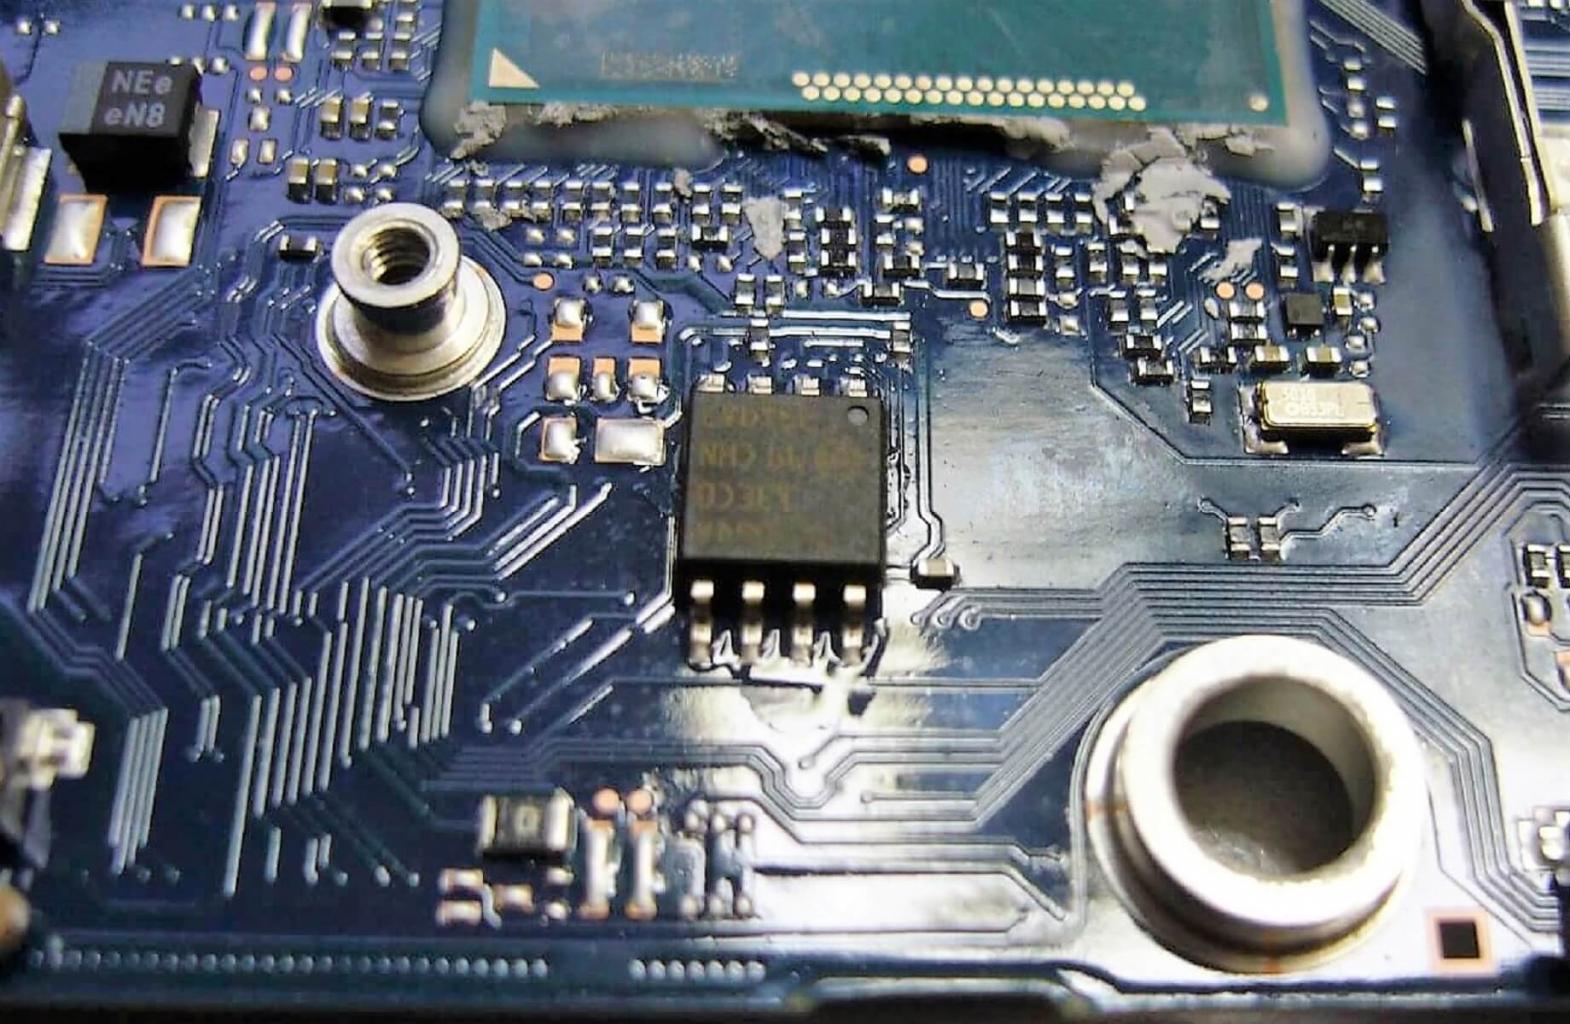 Ein BIOS Chip, allerdings keiner aus dem Dell Insipron das zu reparieren war, von diesem haben wir leider kein Bild